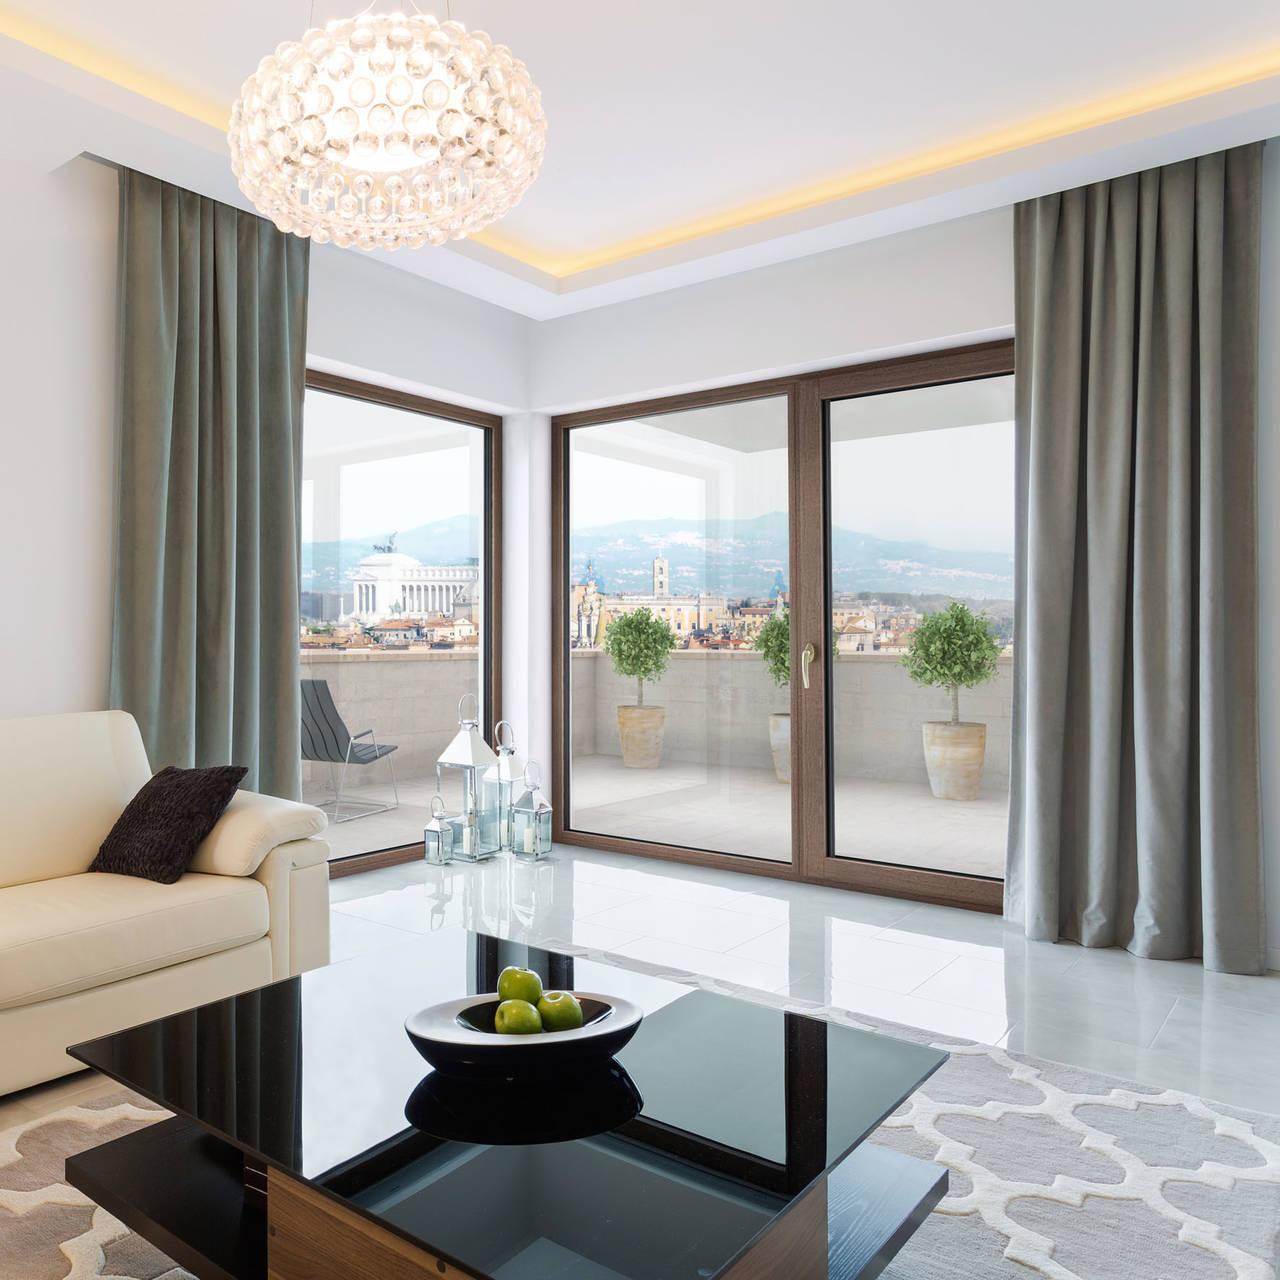 Internorm nuove finestre e portoncini arketipo for Finestre in alluminio